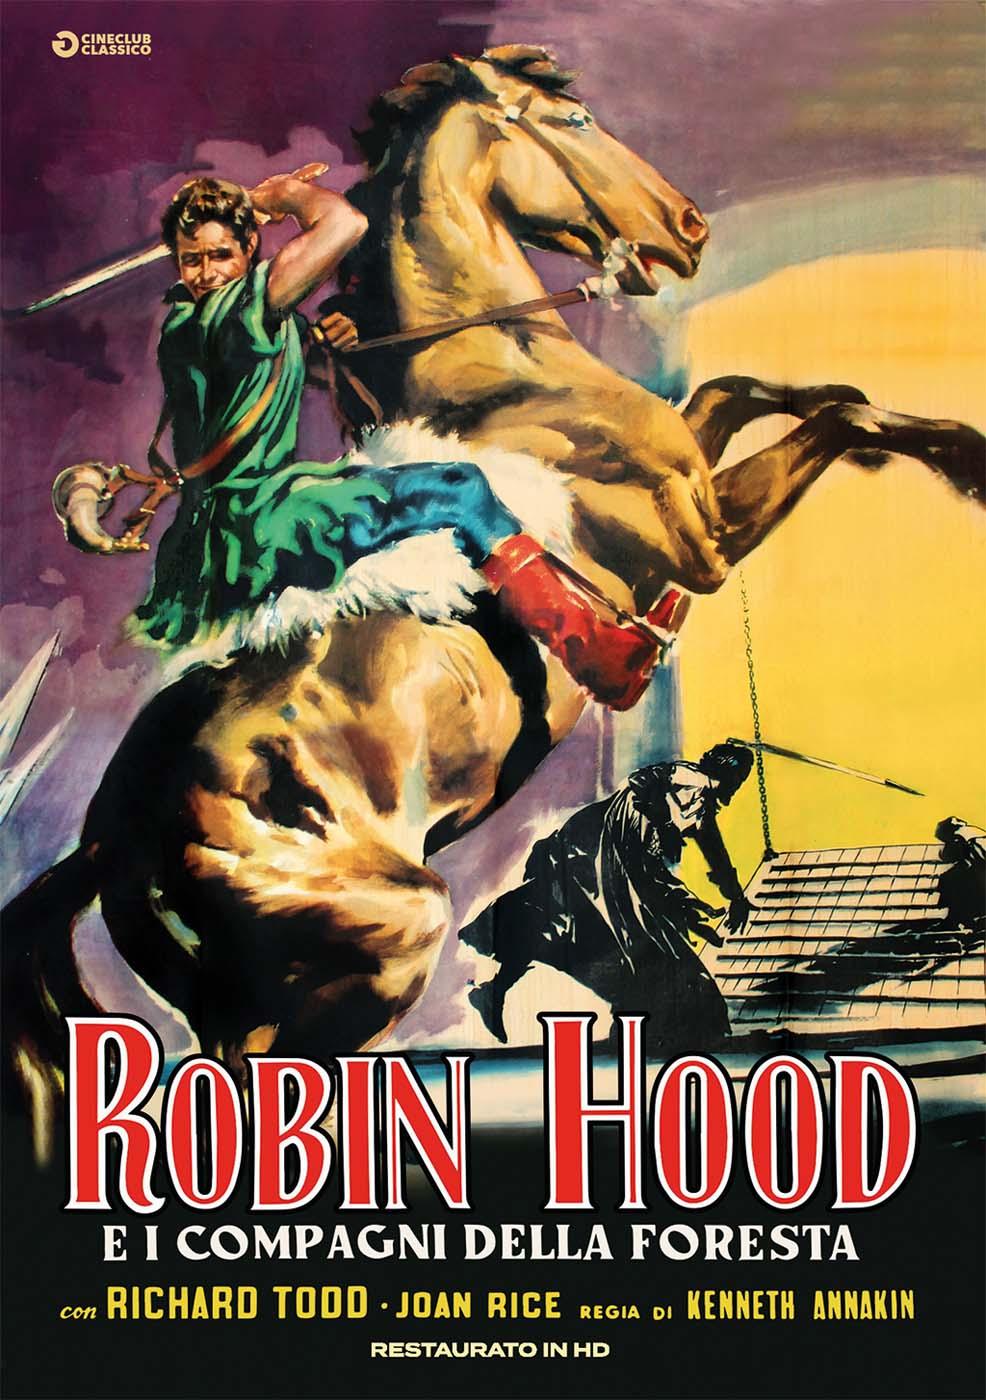 ROBIN HOOD E I COMPAGNI DELLA FORESTA (RESTAURATO IN HD) (DVD)